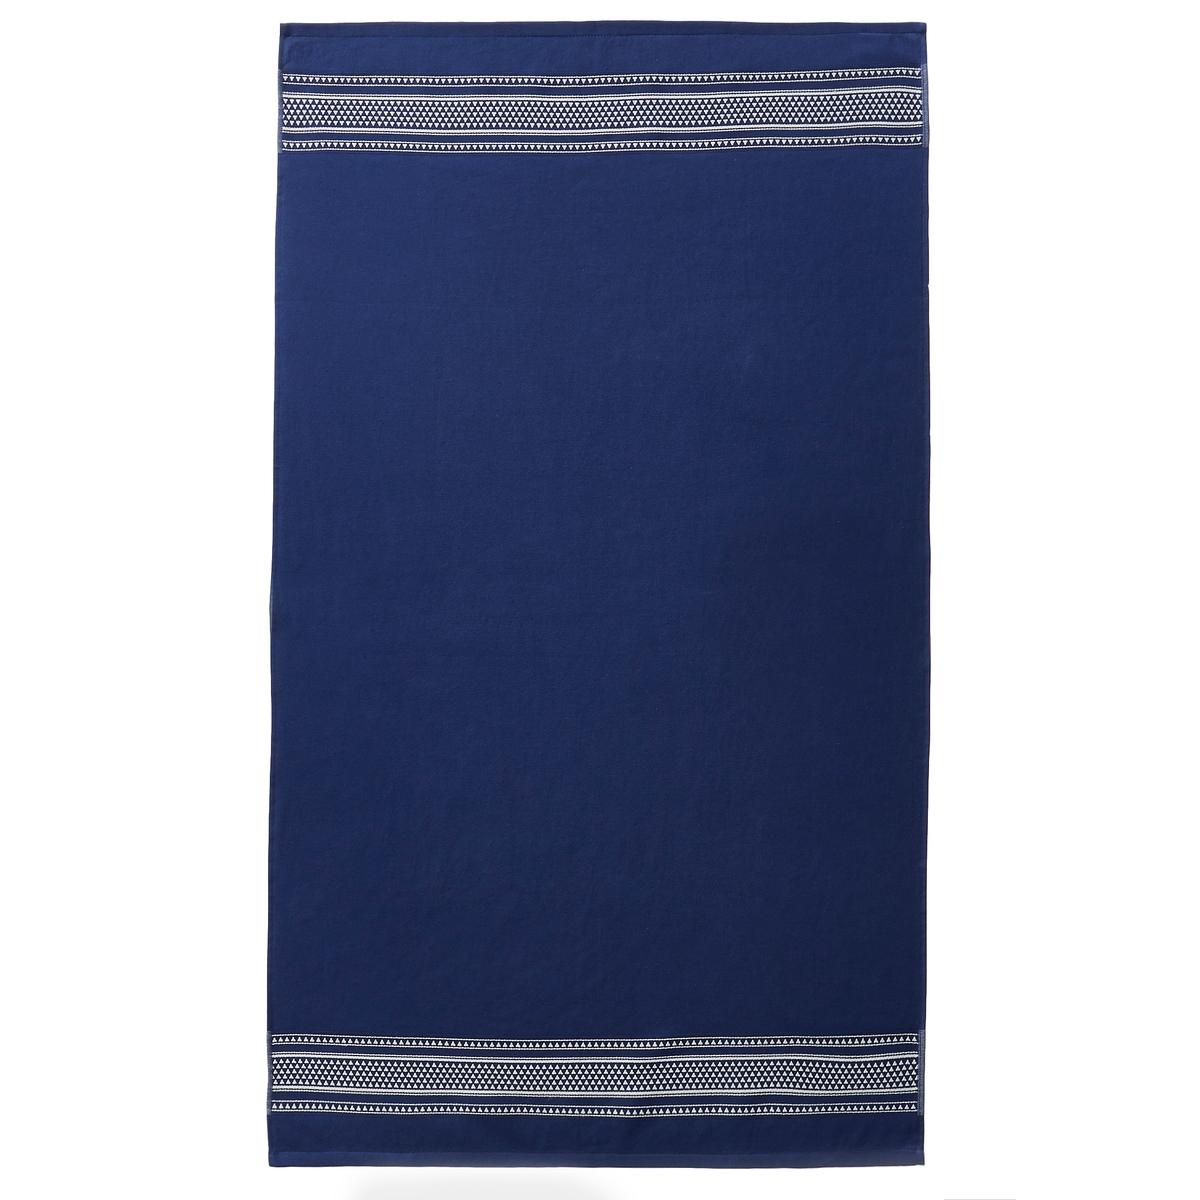 Полотенце пляжное из махровой ткани, DecoОписание пляжного полотенца Deco :Прямое.Характеристики пляжного полотенца Deco :100% хлопок, подкладка: махровая ткань букле из 100% хлопка400 г/м?.Машинная стирка при 40 °С.Размеры пляжного полотенца Deco :90 x 160 см<br><br>Цвет: темно-синий,фуксия<br>Размер: единый размер